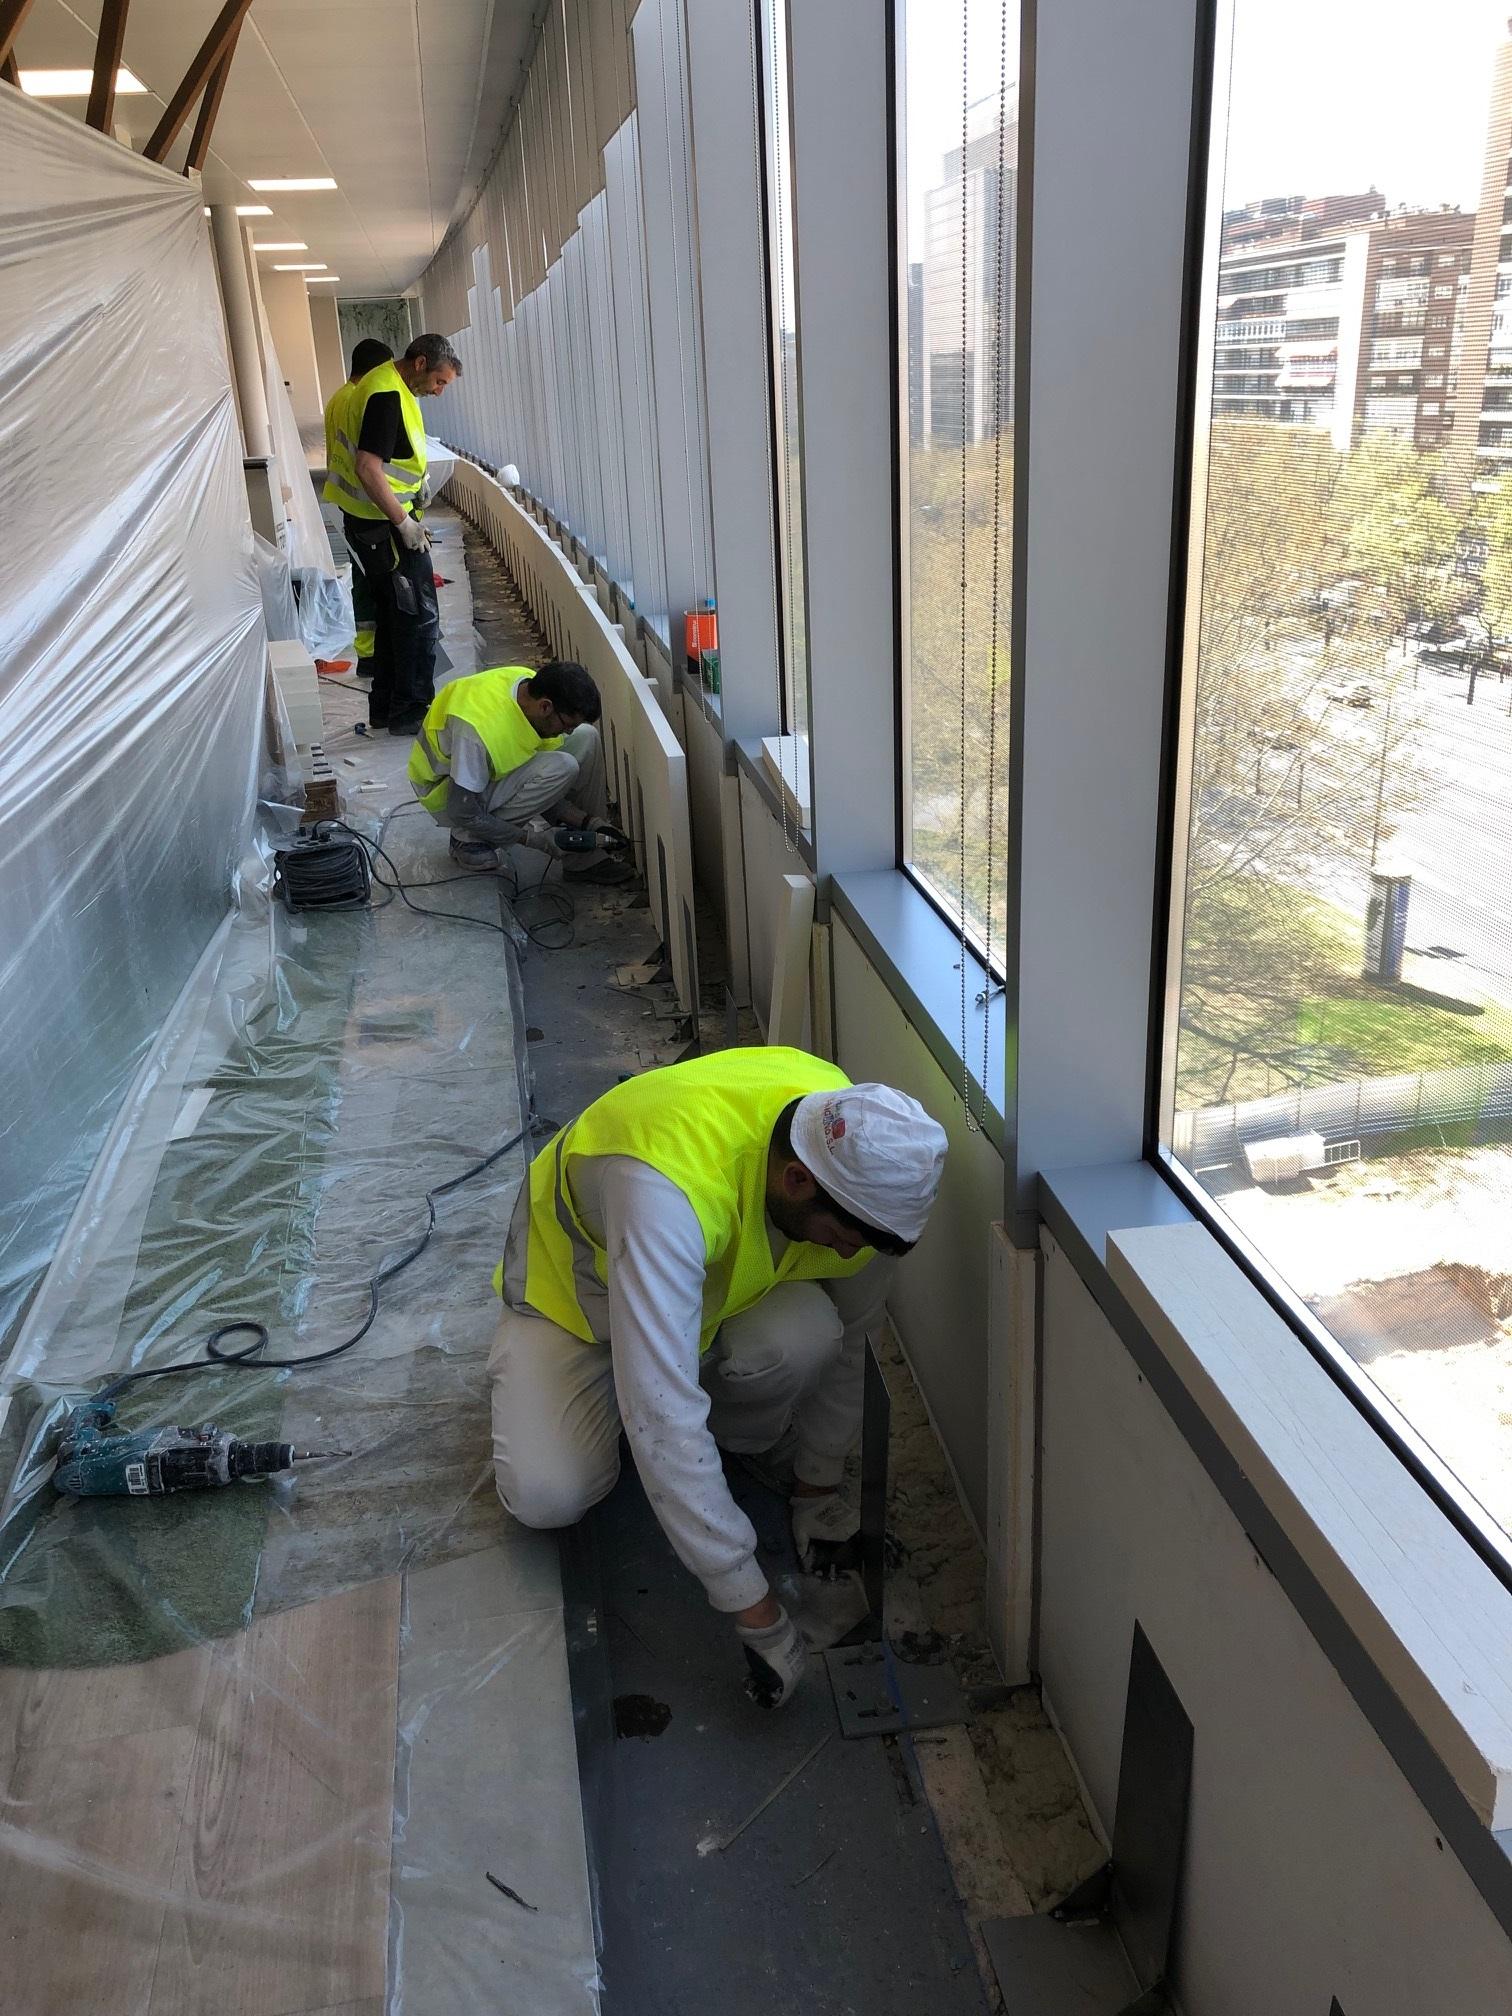 Sectorización vertical encuentro de forjado con muro cortina Castellana 200